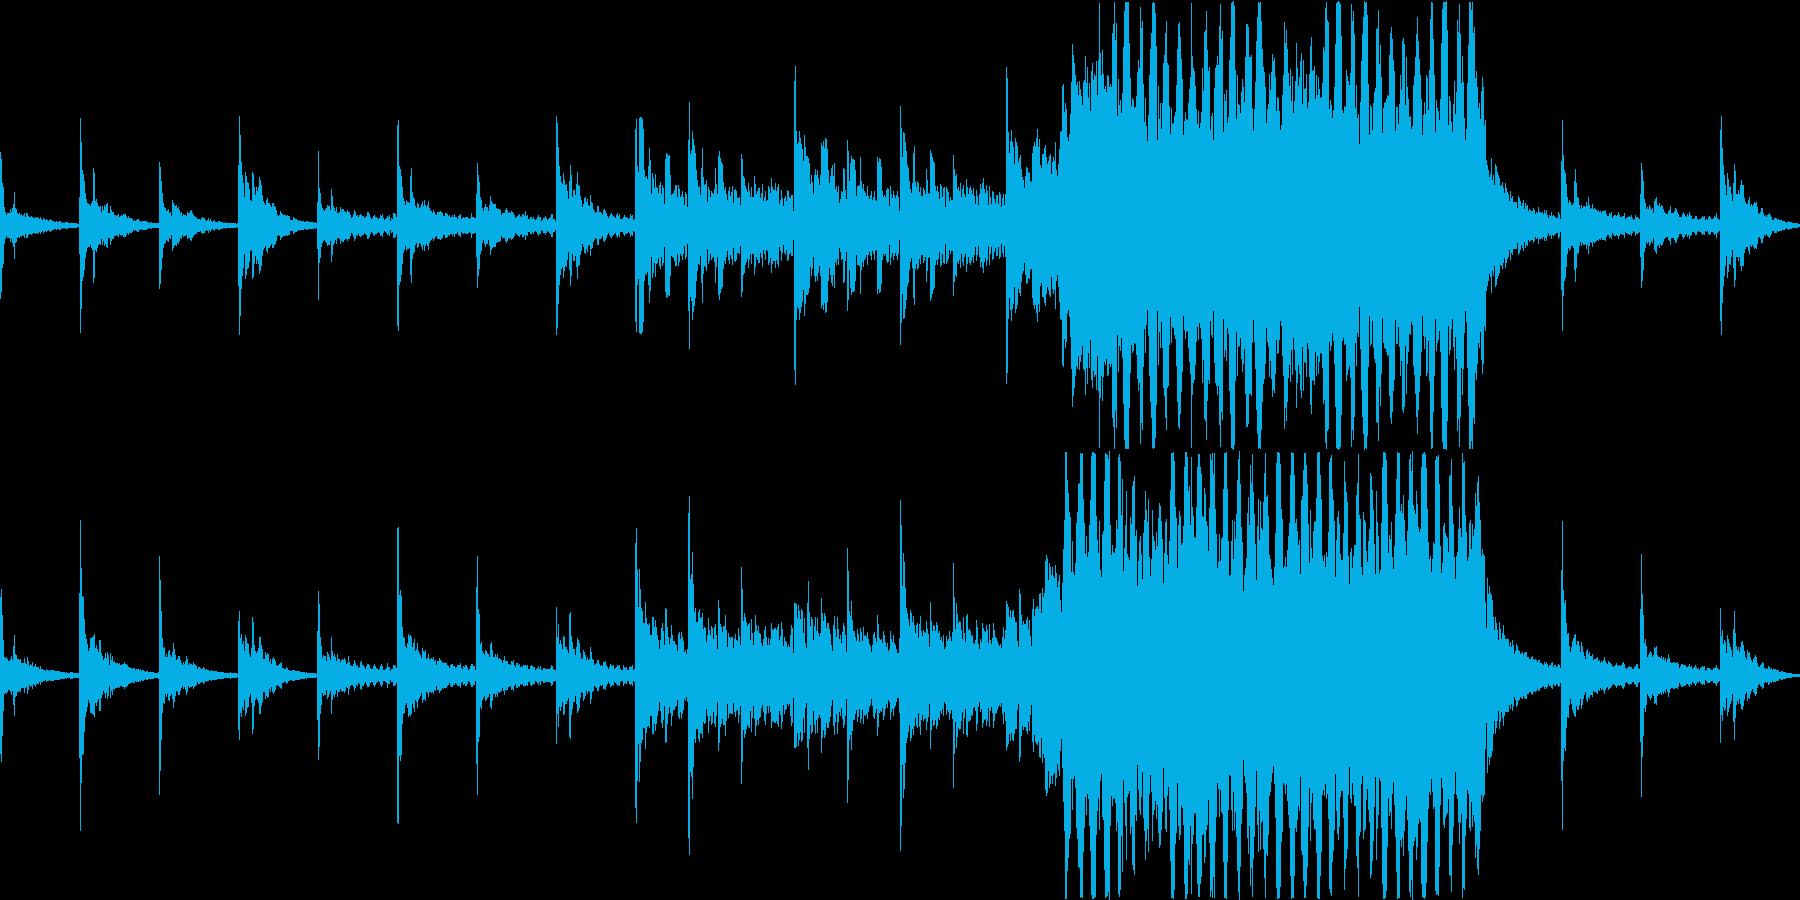 【ループ版】終末感漂うホラー、ダーク系のの再生済みの波形